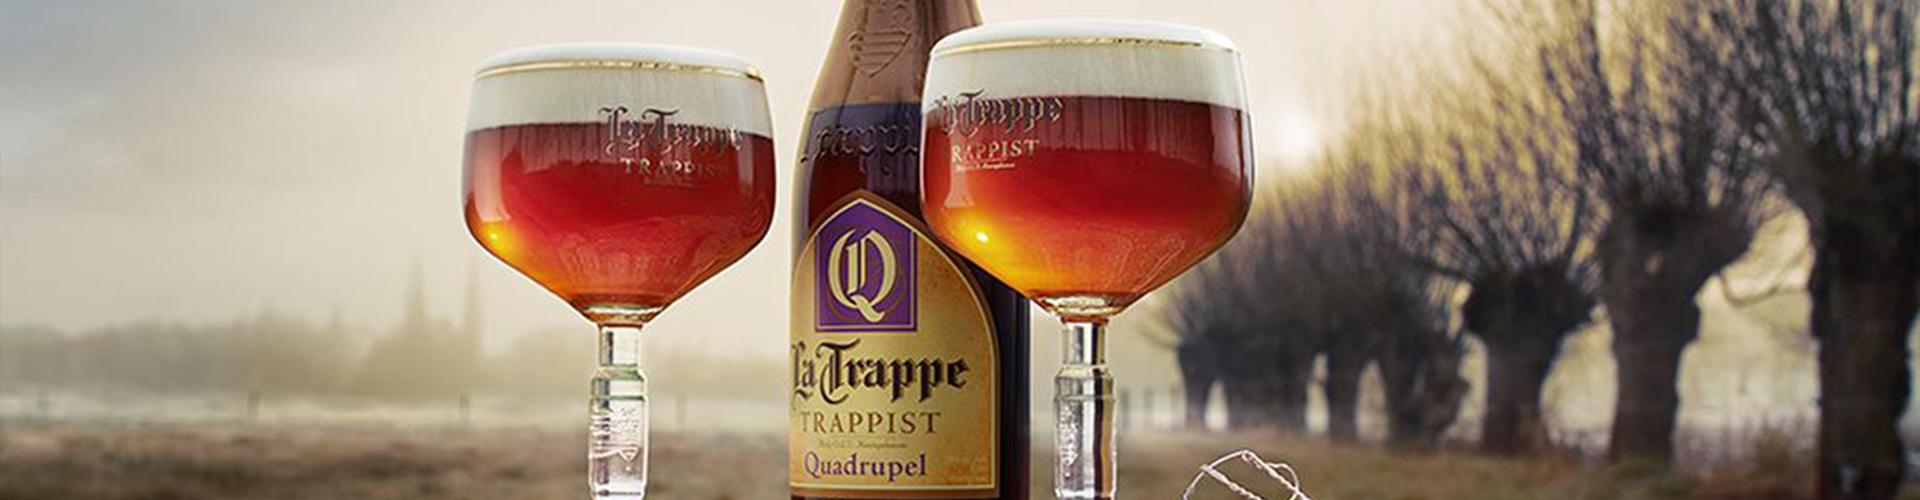 Bierbrouwerij de Koningshoeven - La Trappe Trappist